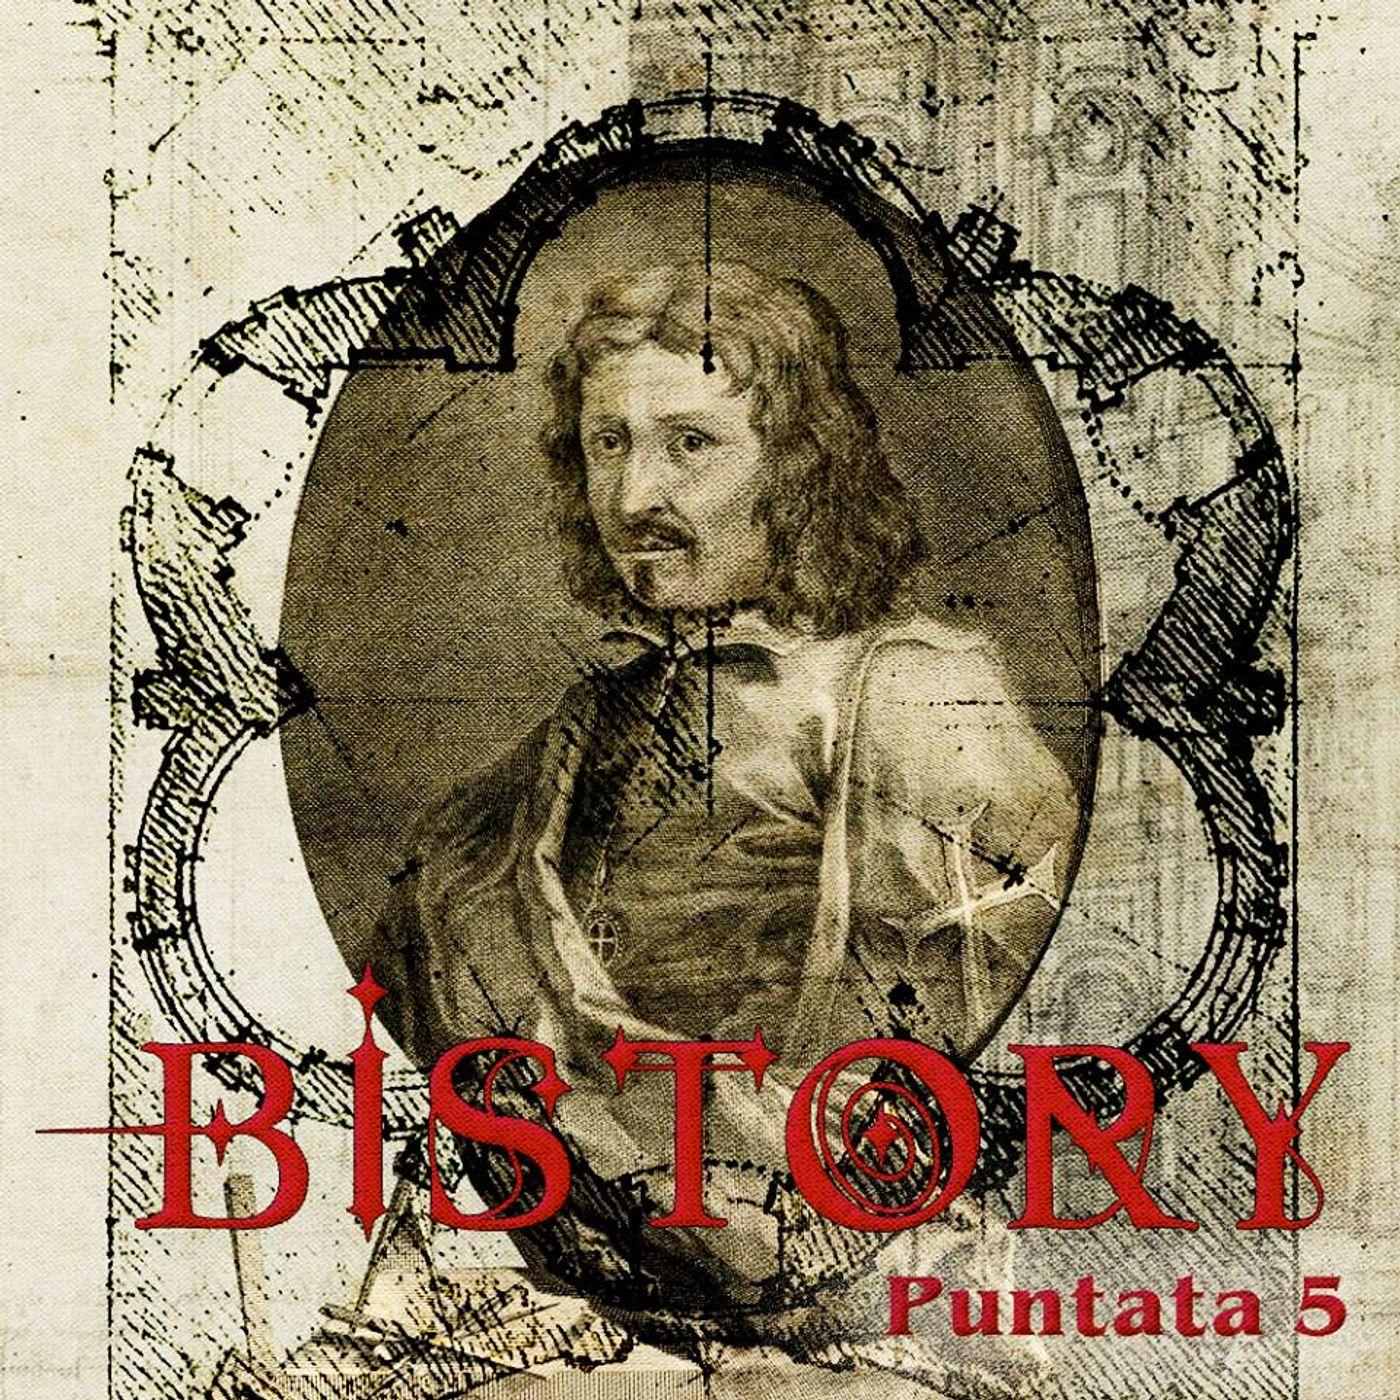 Bistory S01E05 Borromini